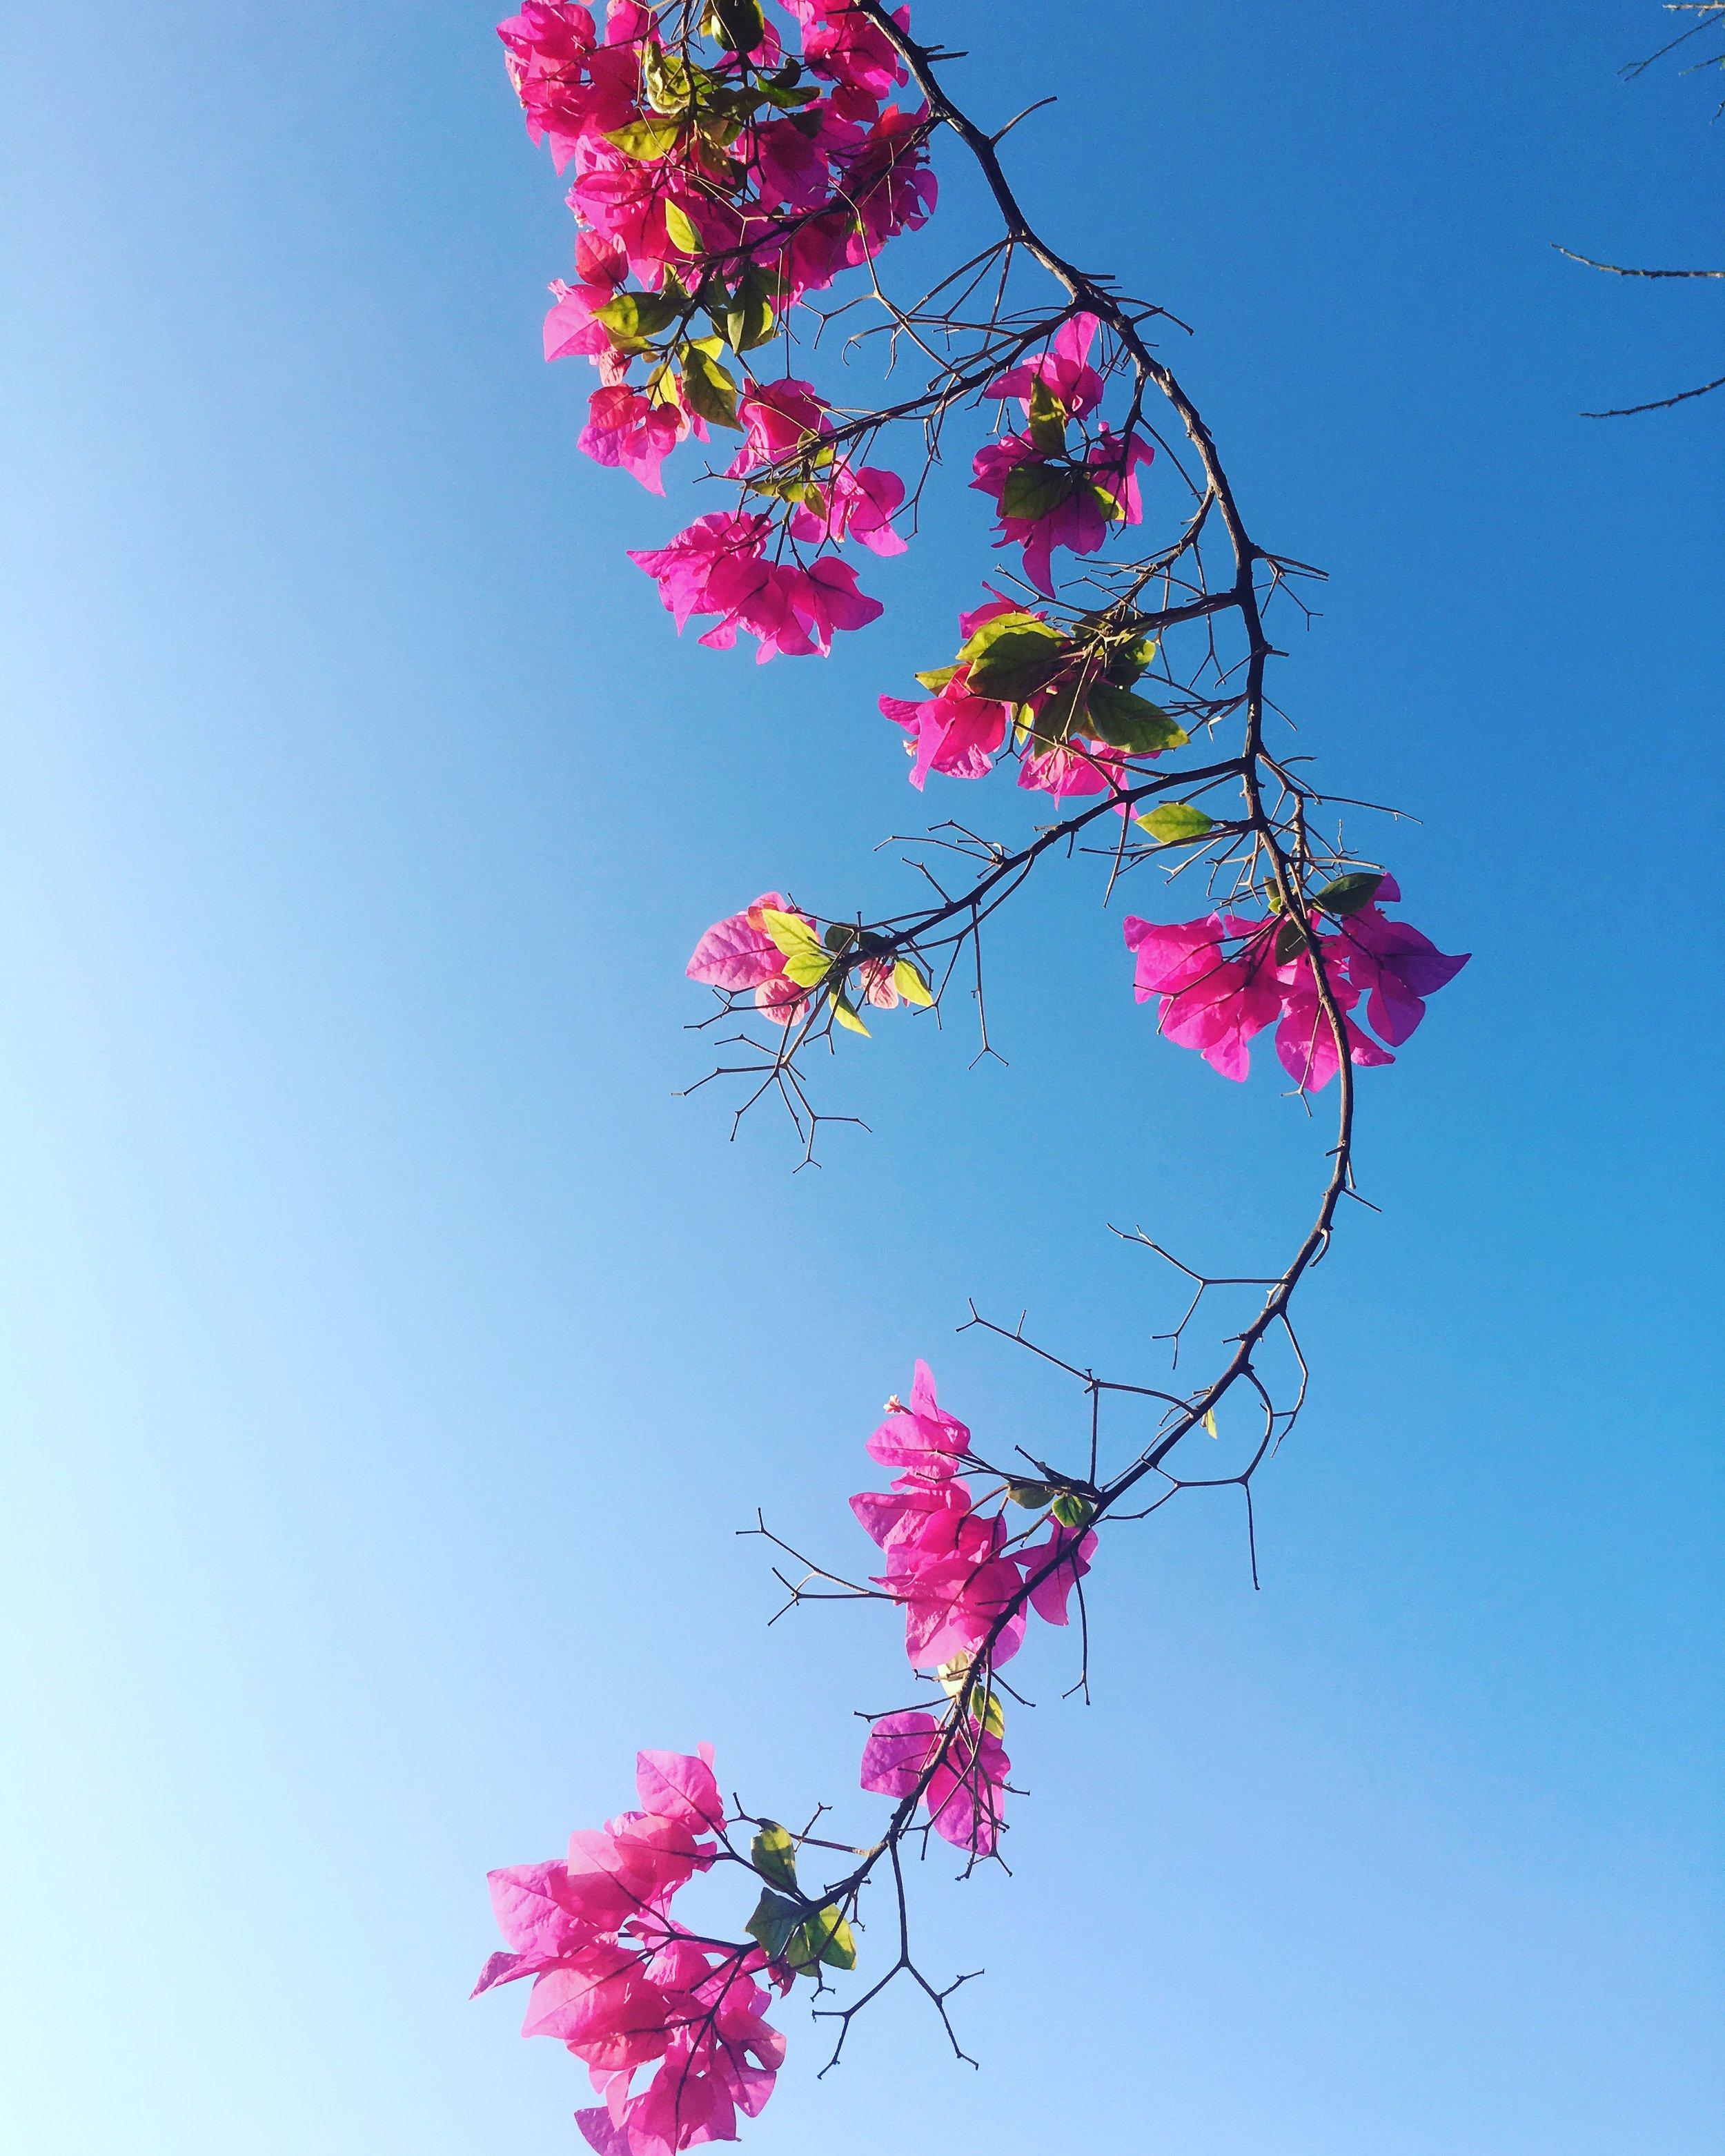 Bougainvillea in Oman, by Priyanka Sacheti.